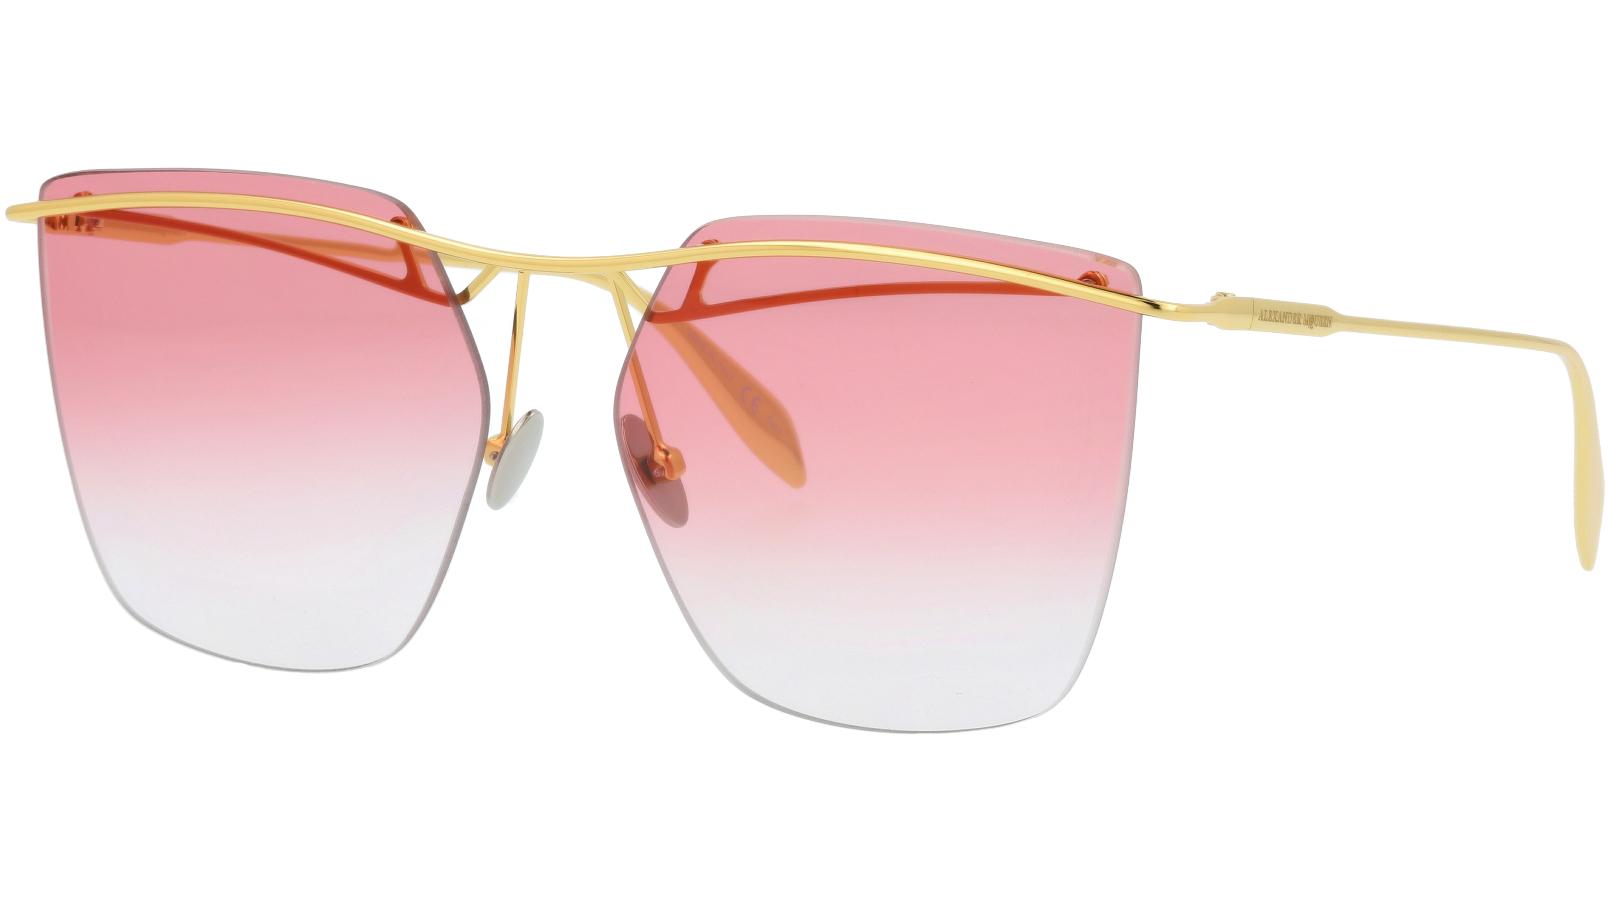 Alexander McQueen AM0144S 002 59 GOLD Sunglasses